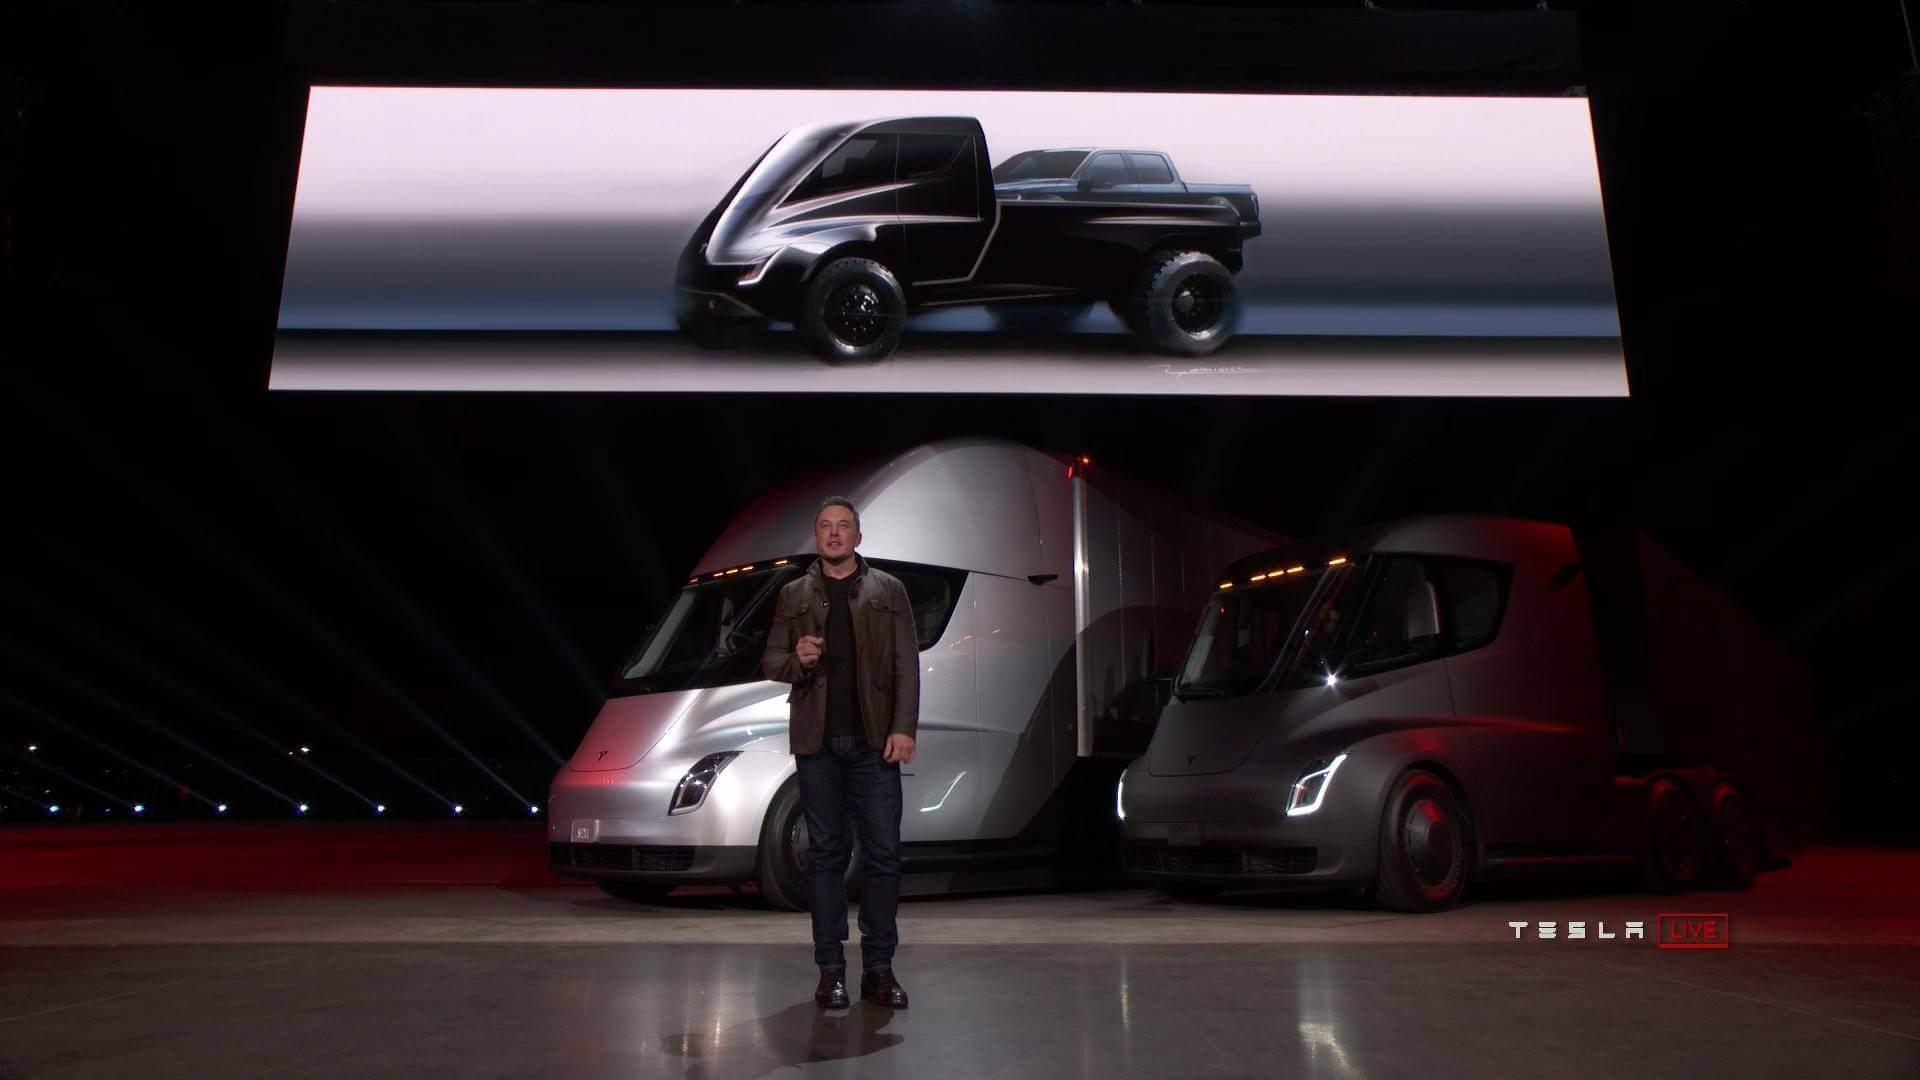 Показанный Илоном Маском Tesla Pickup на официальной презентации грузовика Tesla Semi